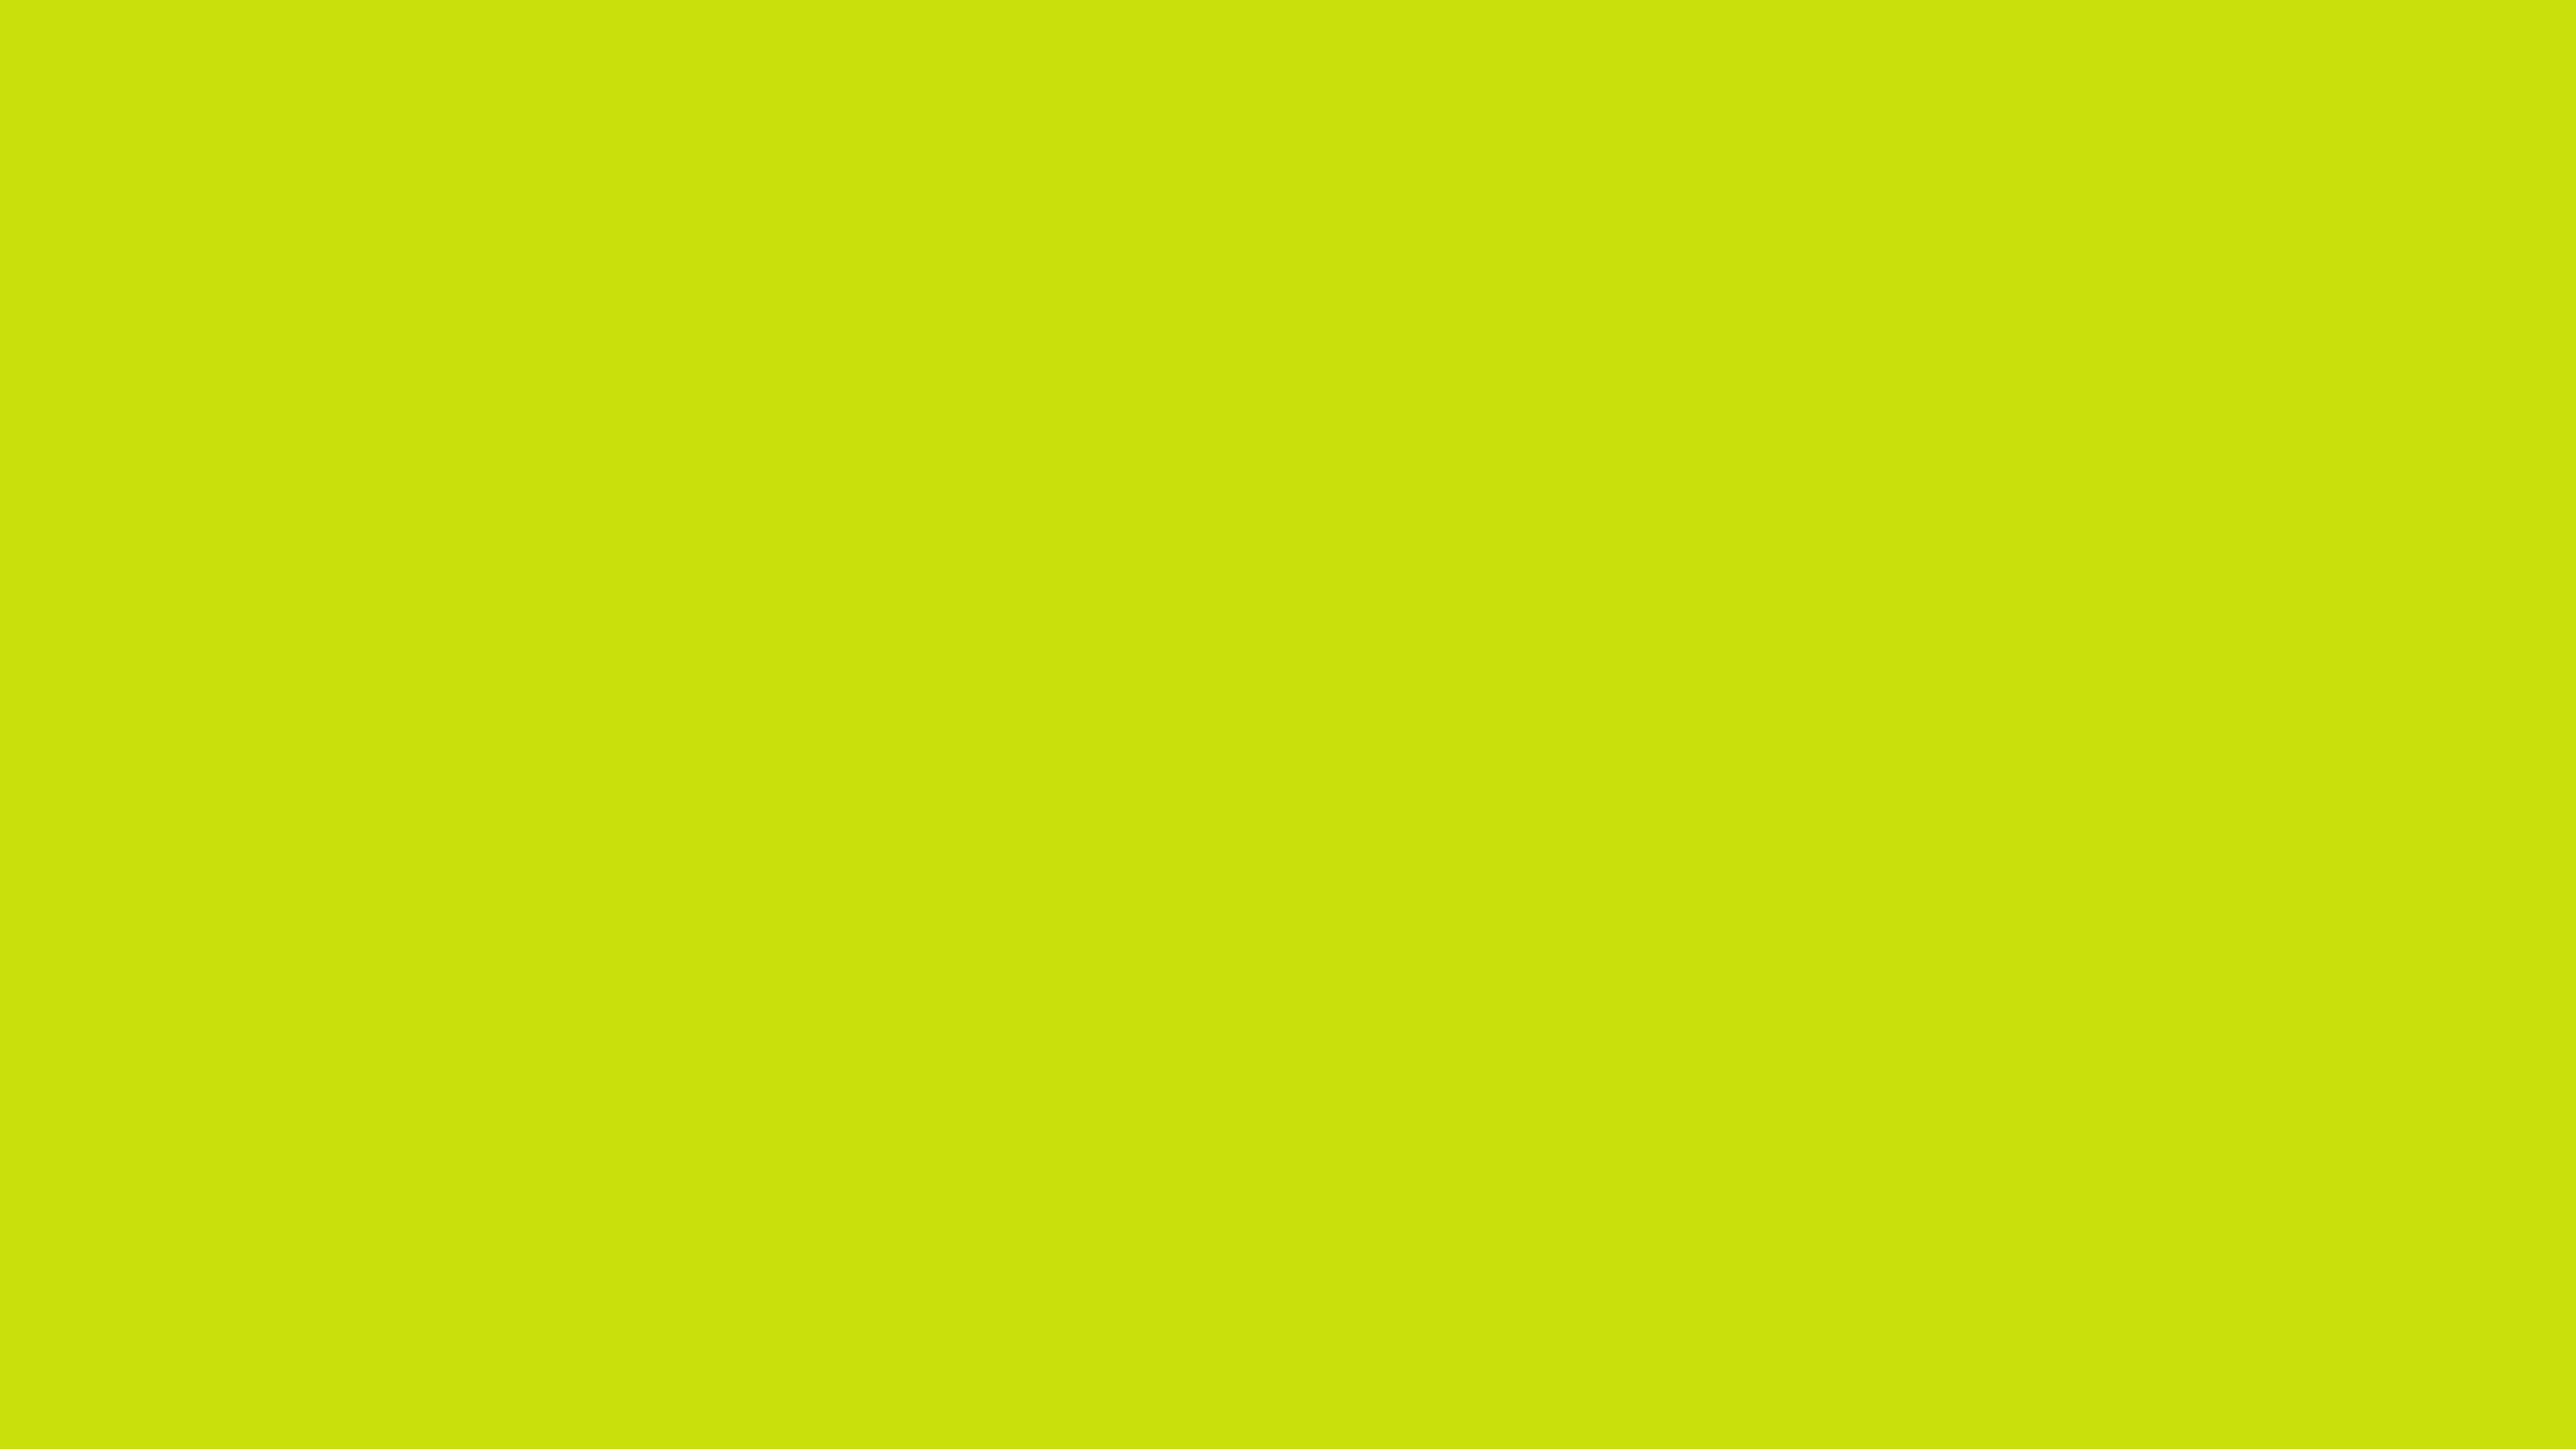 5120x2880 Bitter Lemon Solid Color Background